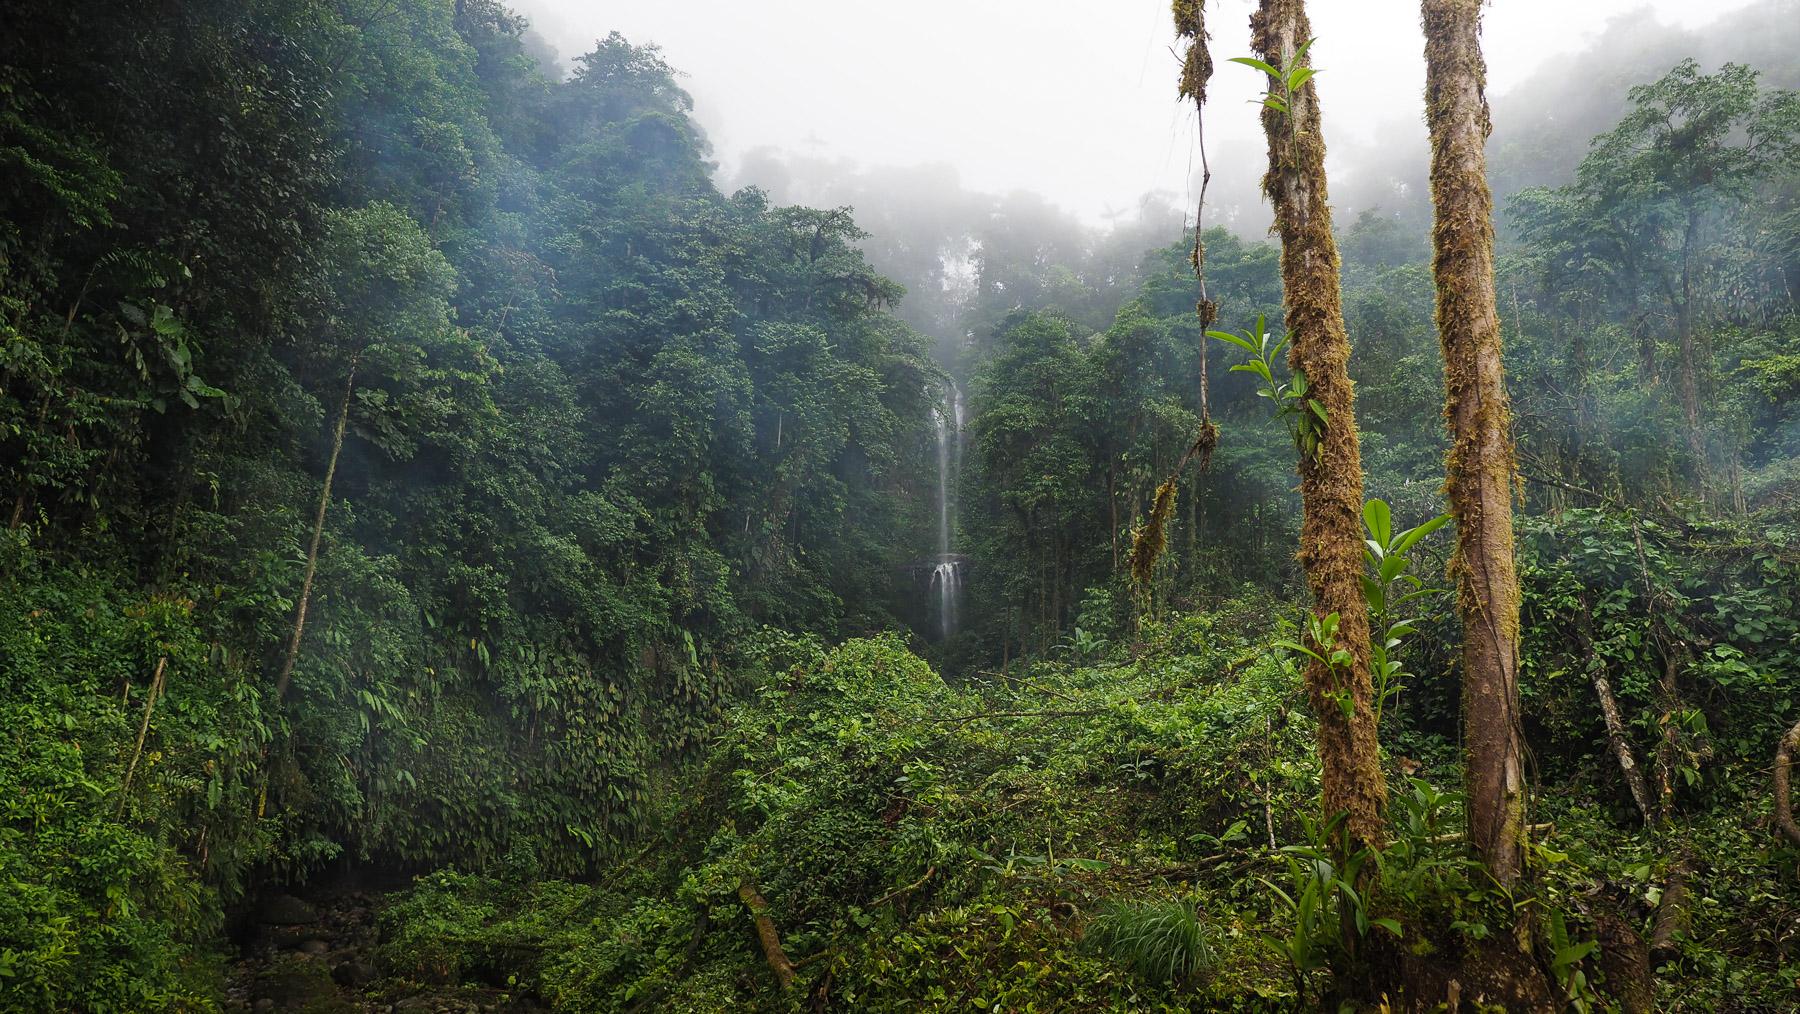 Idyllischer Dschungel, aber auch Schlamm und Regen